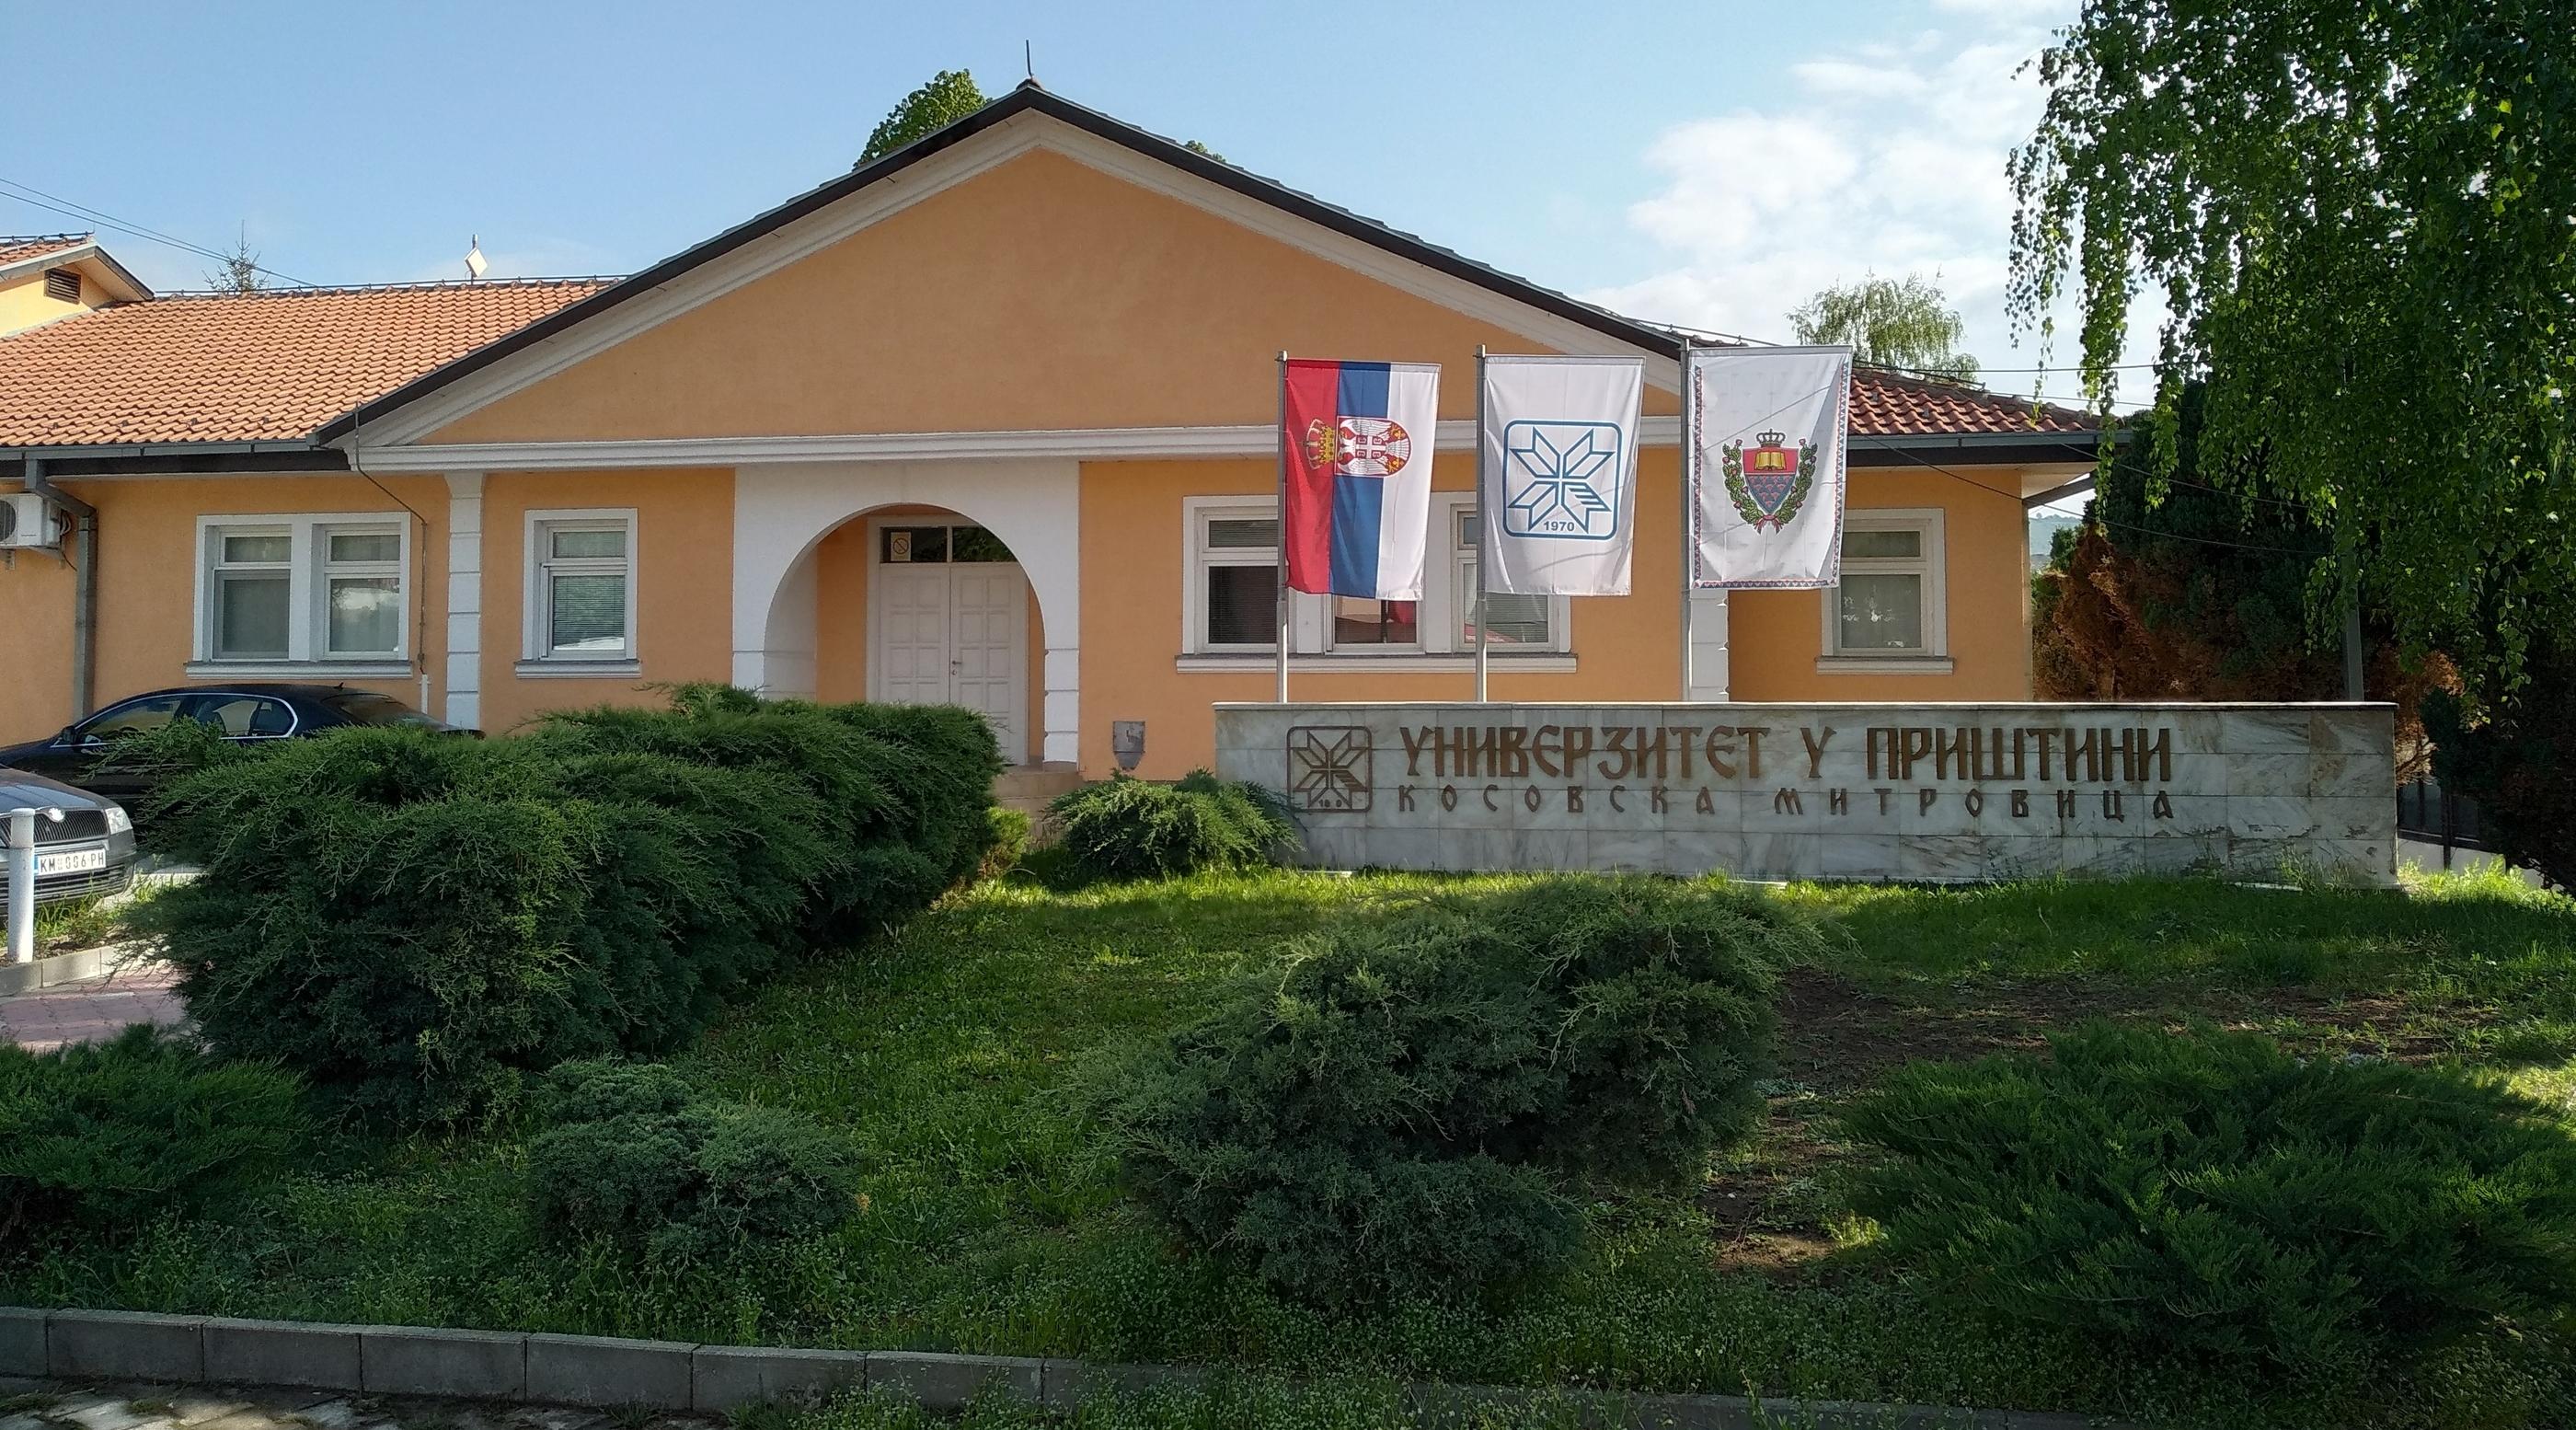 univerzitetska-sportska-liga-startuje-danas